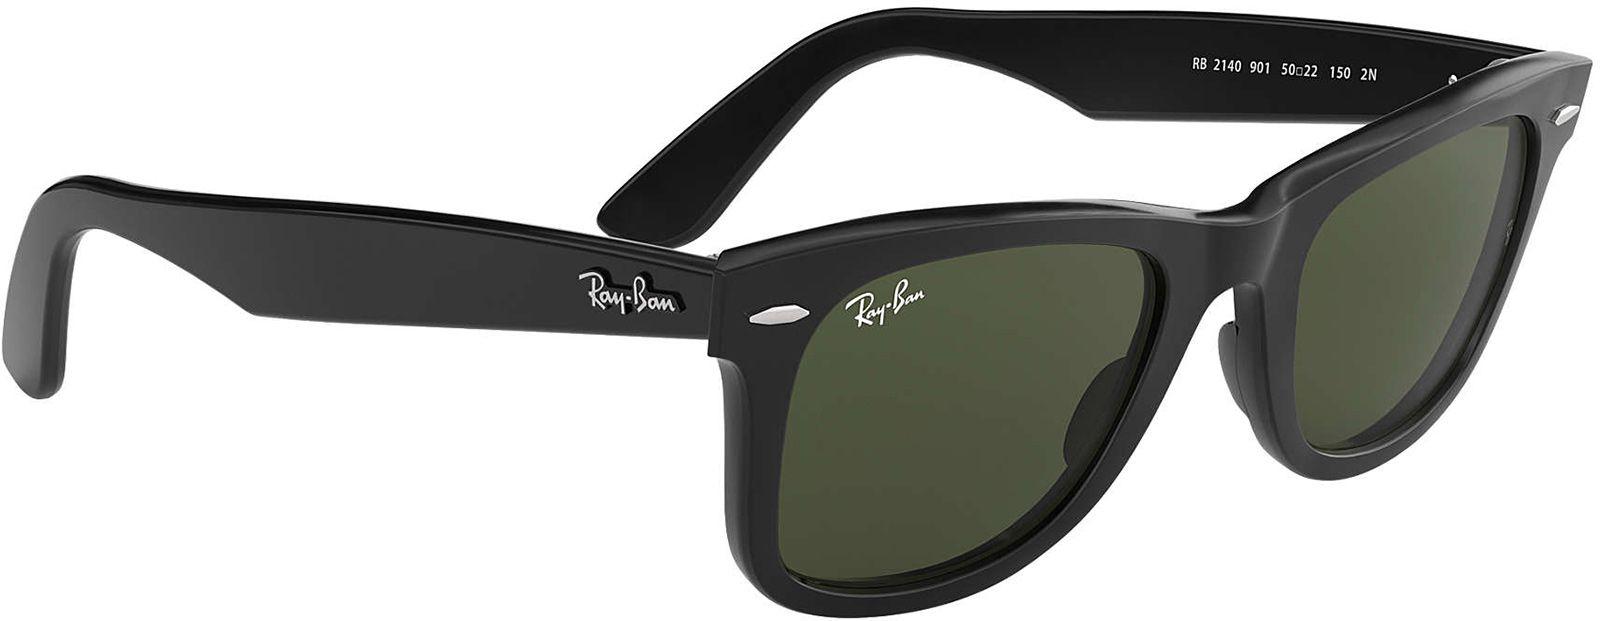 Una variante degli occhiali per la Realtà Aumentata di Apple ispirata a quelli di Steve Jobs?